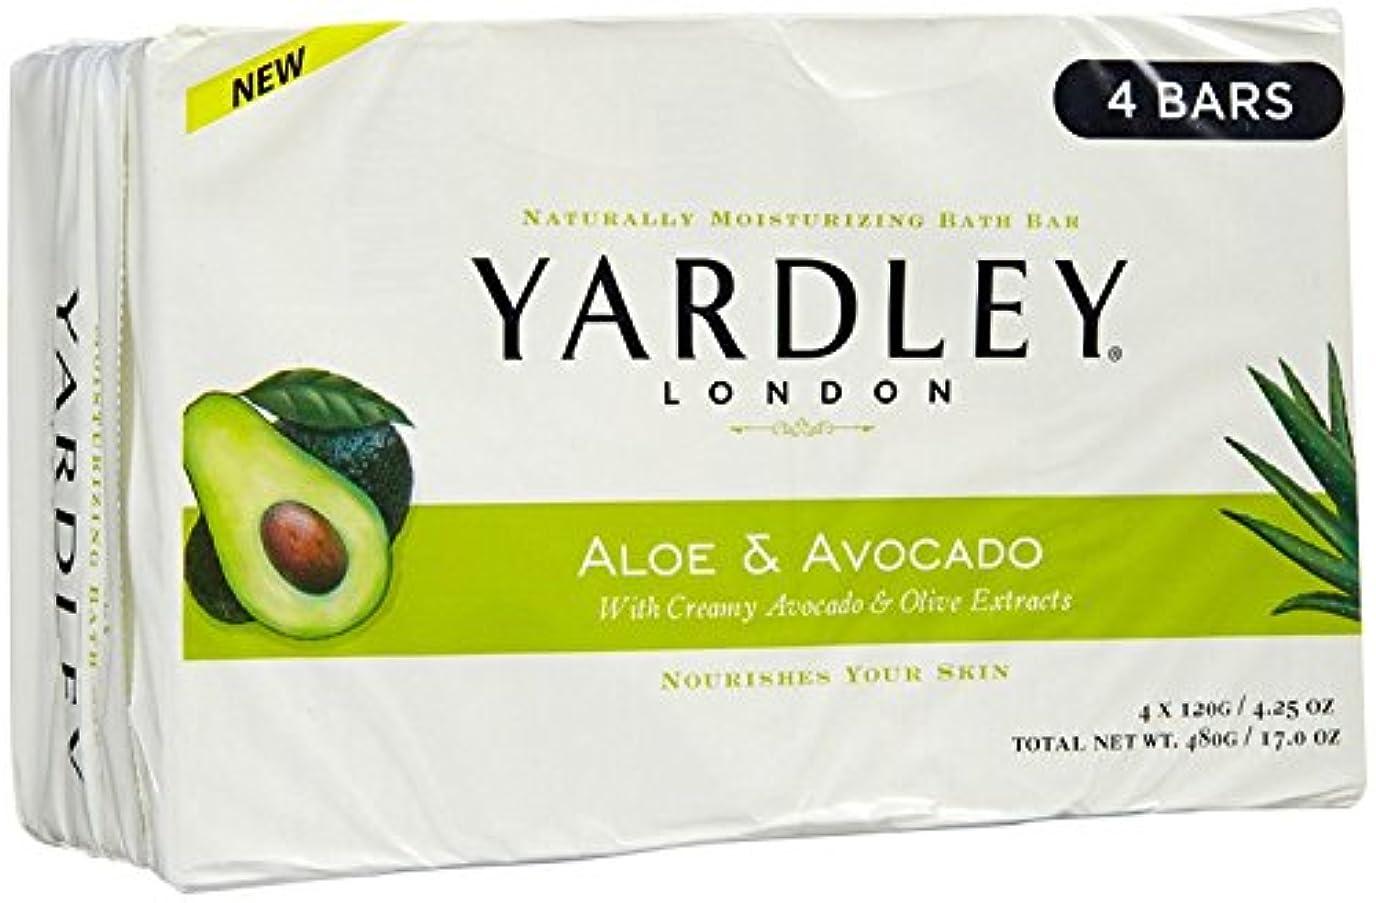 重量含める提供するYardley ロンドンアロエアボカド当然のことながら保湿入浴バー4.25オズ(4パック)